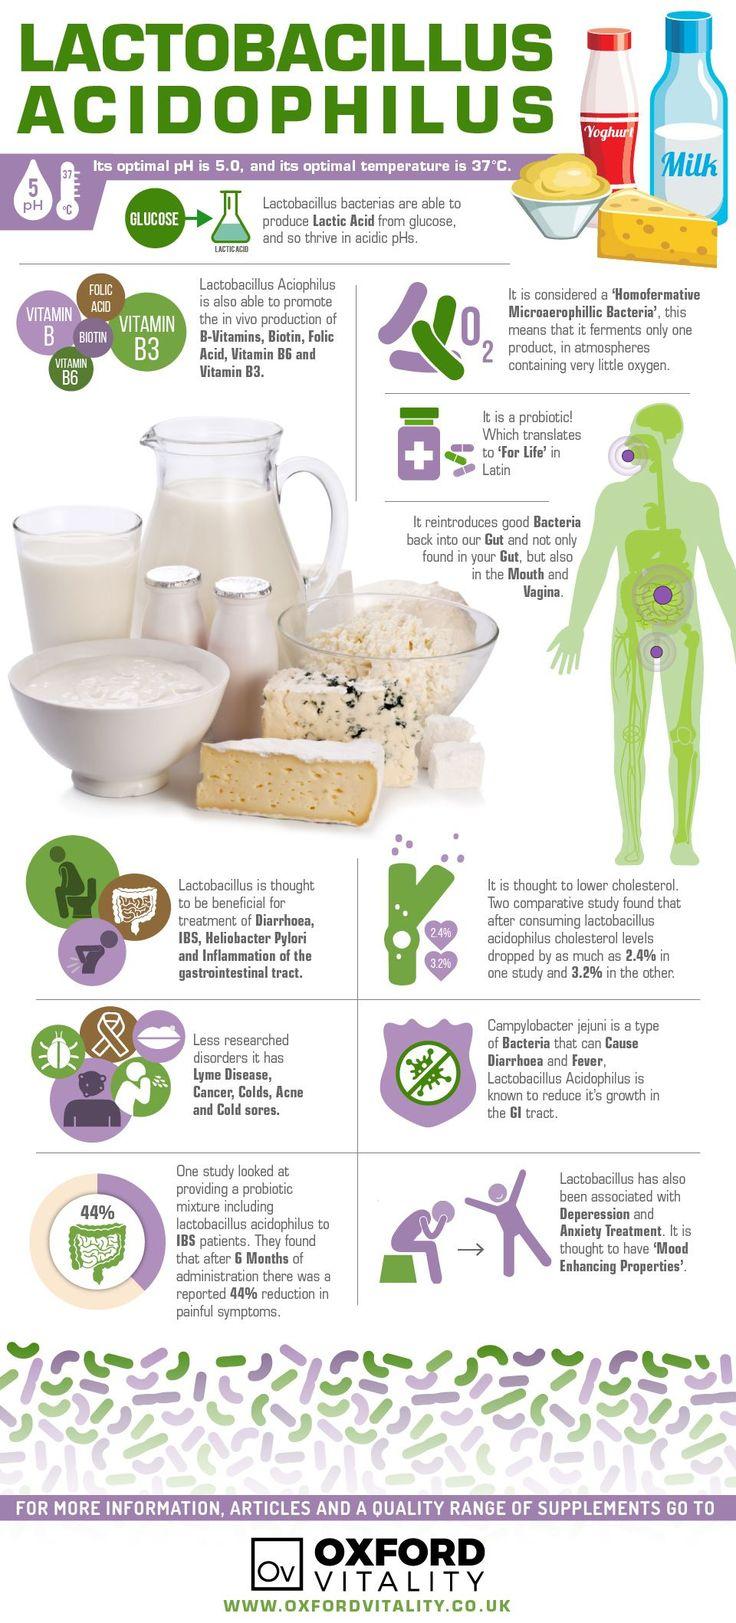 Lactobacillus Acidophilus , Lactobacillus Acidophilus Supplements , Lactobacillus Acidophilus Tablets, Lactobacillus Acidophilus History, Health Benefits of Lactobacillus Acidophilus.